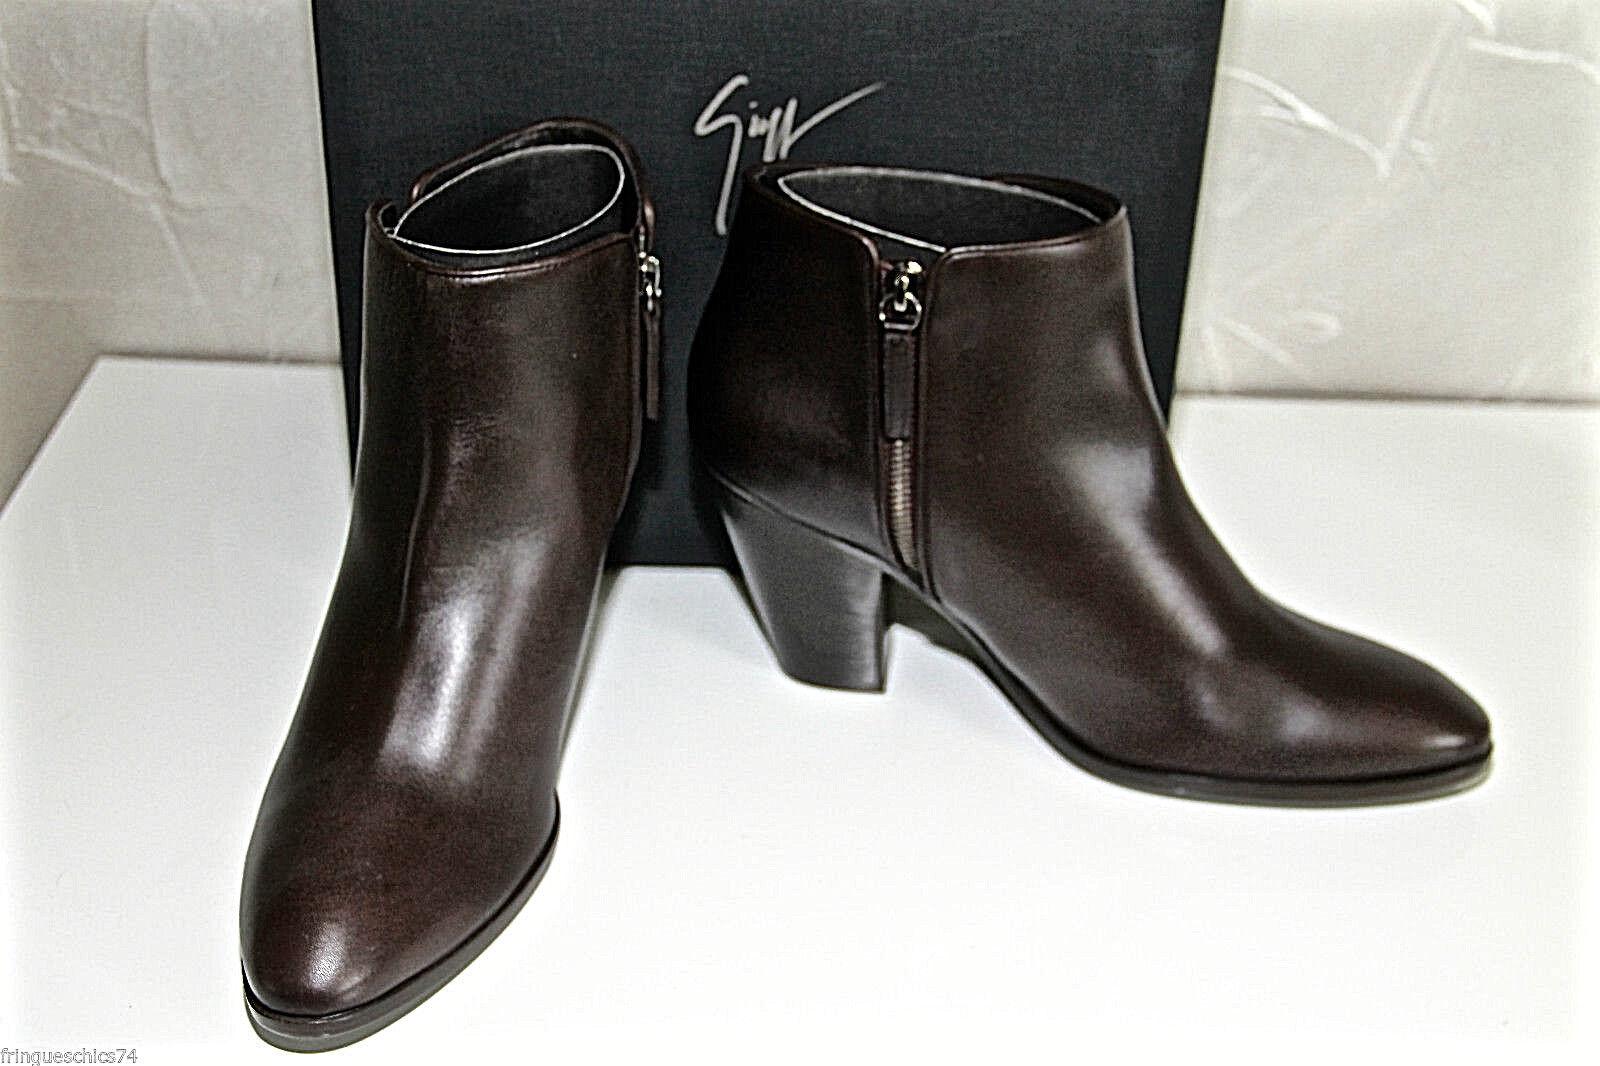 Luxueuses bottines cuir marrón marrón marrón GIUSEPPE ZANOTTI daddy 80 Talla 37 VALEUR  barato y de alta calidad